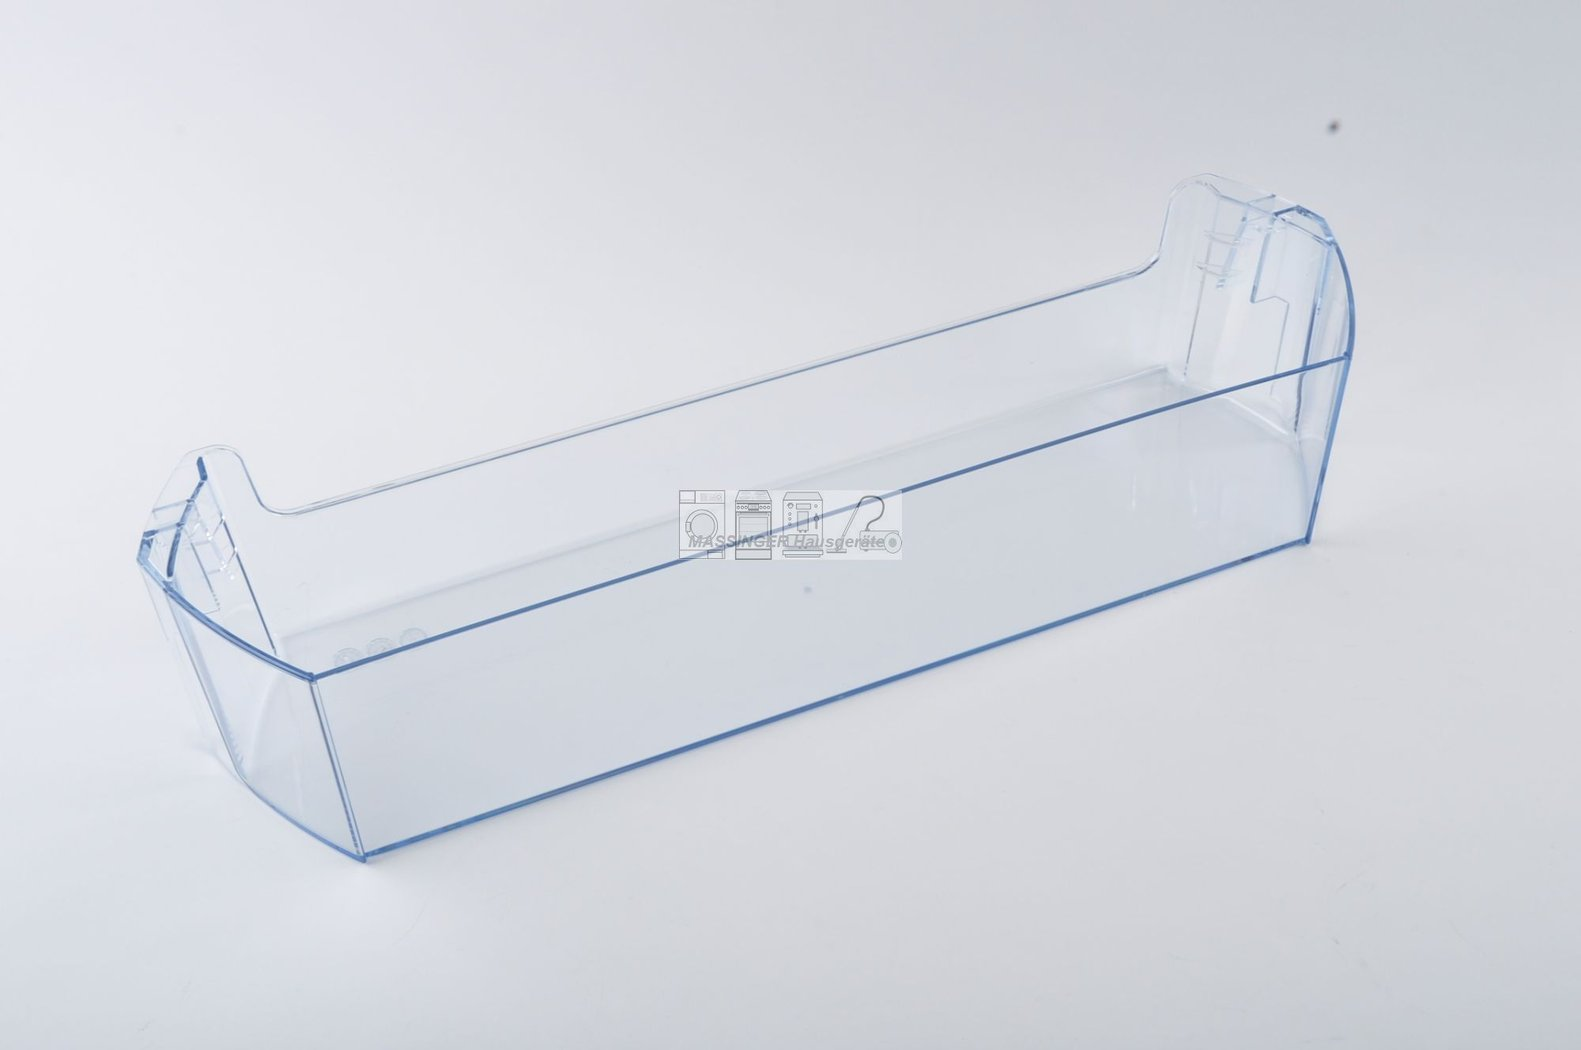 Gorenje Kühlschrank Service : Gorenje kühlschrank flaschenfach mm einbau getränke